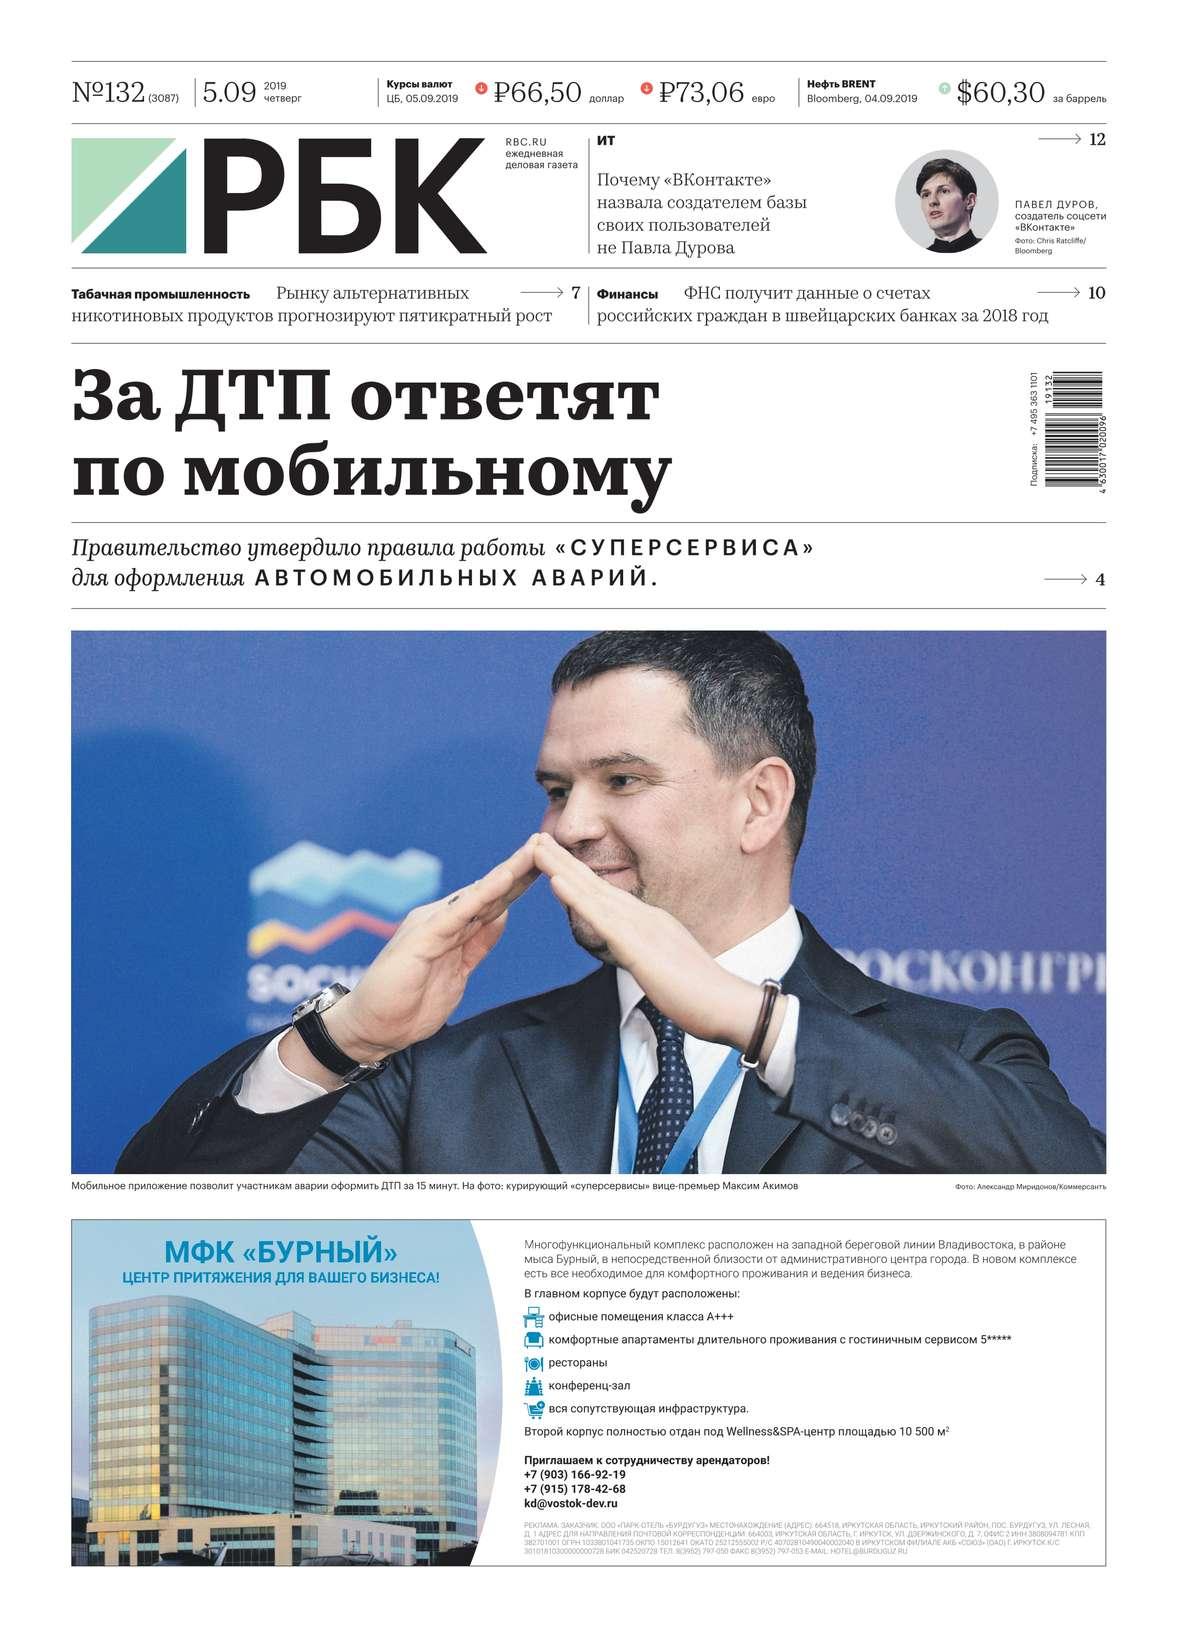 Ежедневная Деловая Газета Рбк 132-219